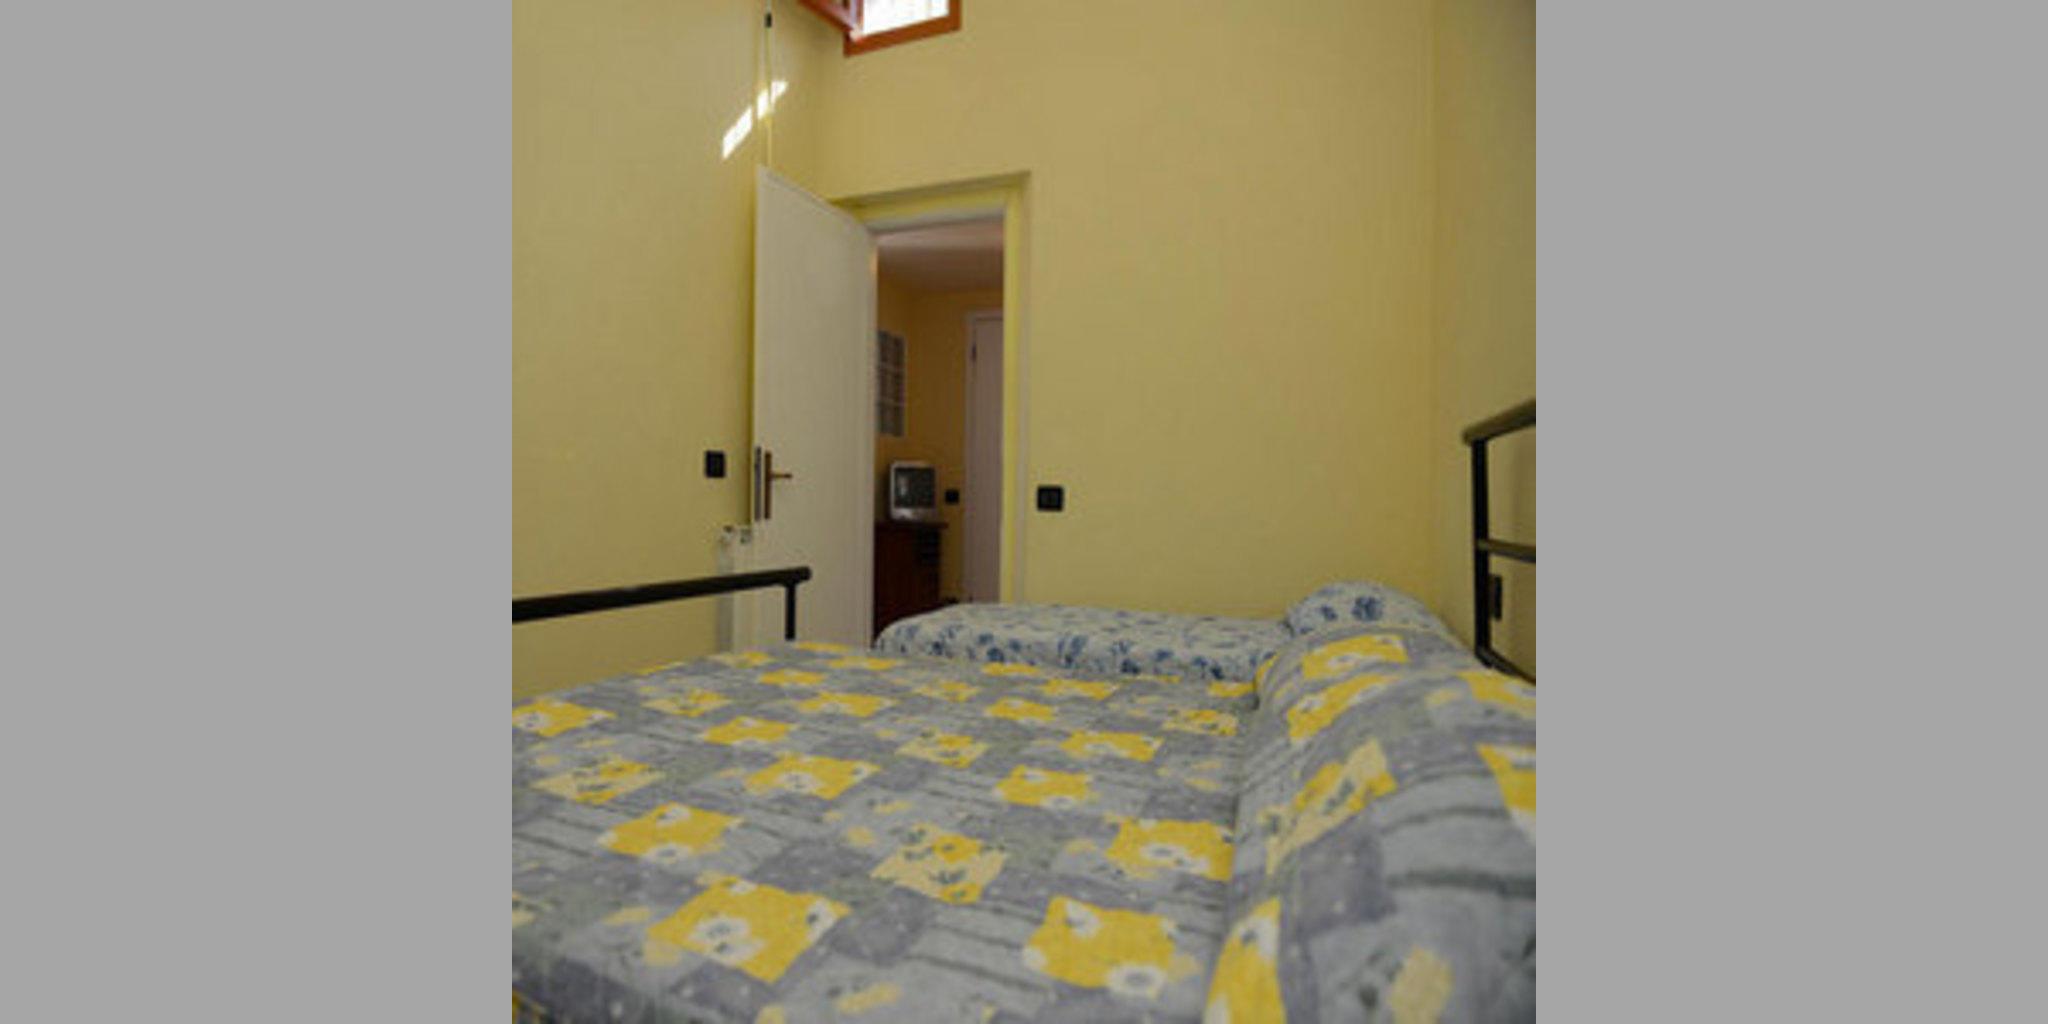 Bed & Breakfast San Miniato - San Miniato